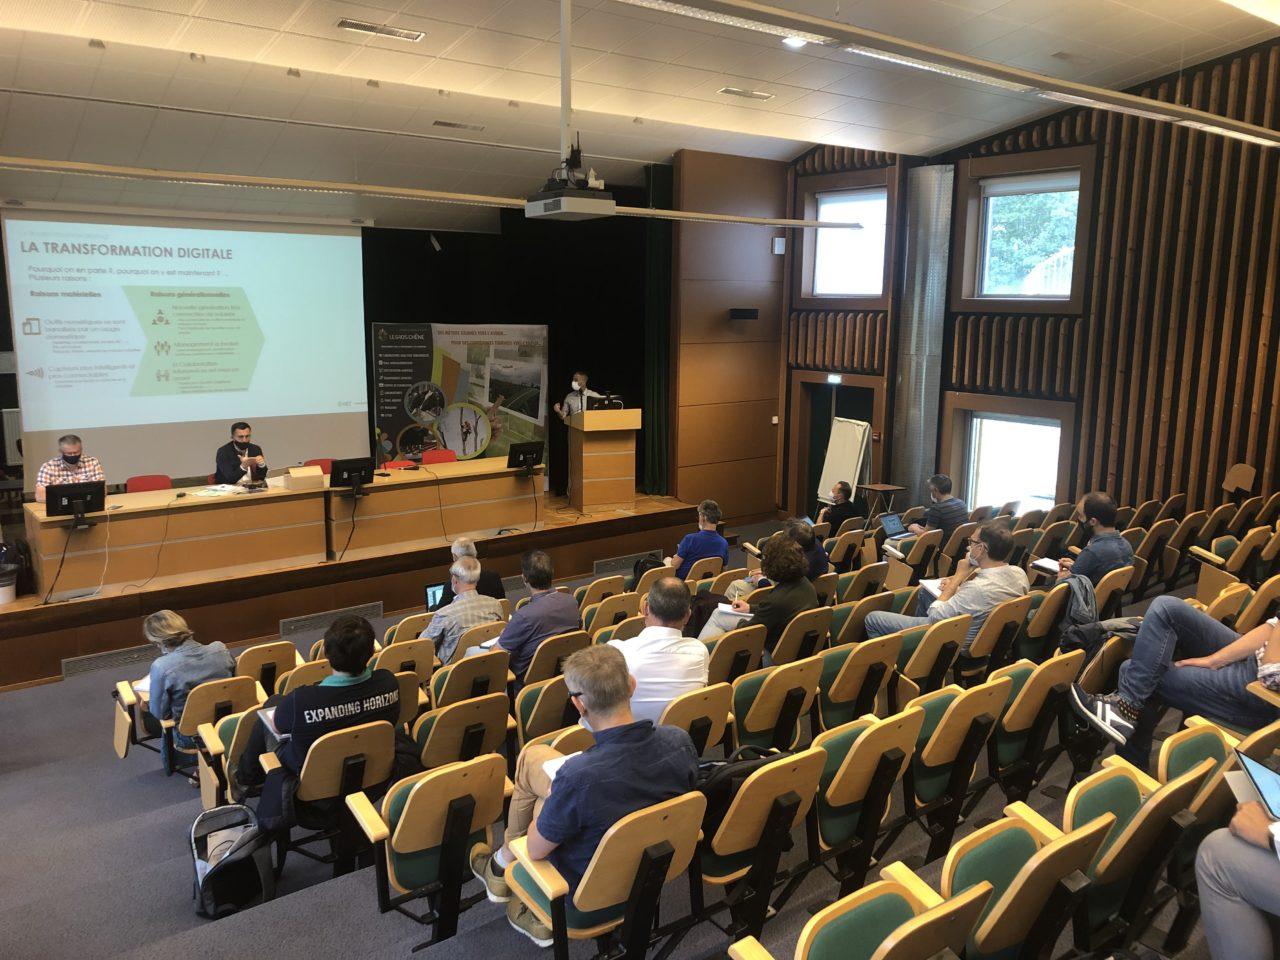 L'ABEA embarque les entreprises agroalimentaires bretonnes vers l'usine du futur